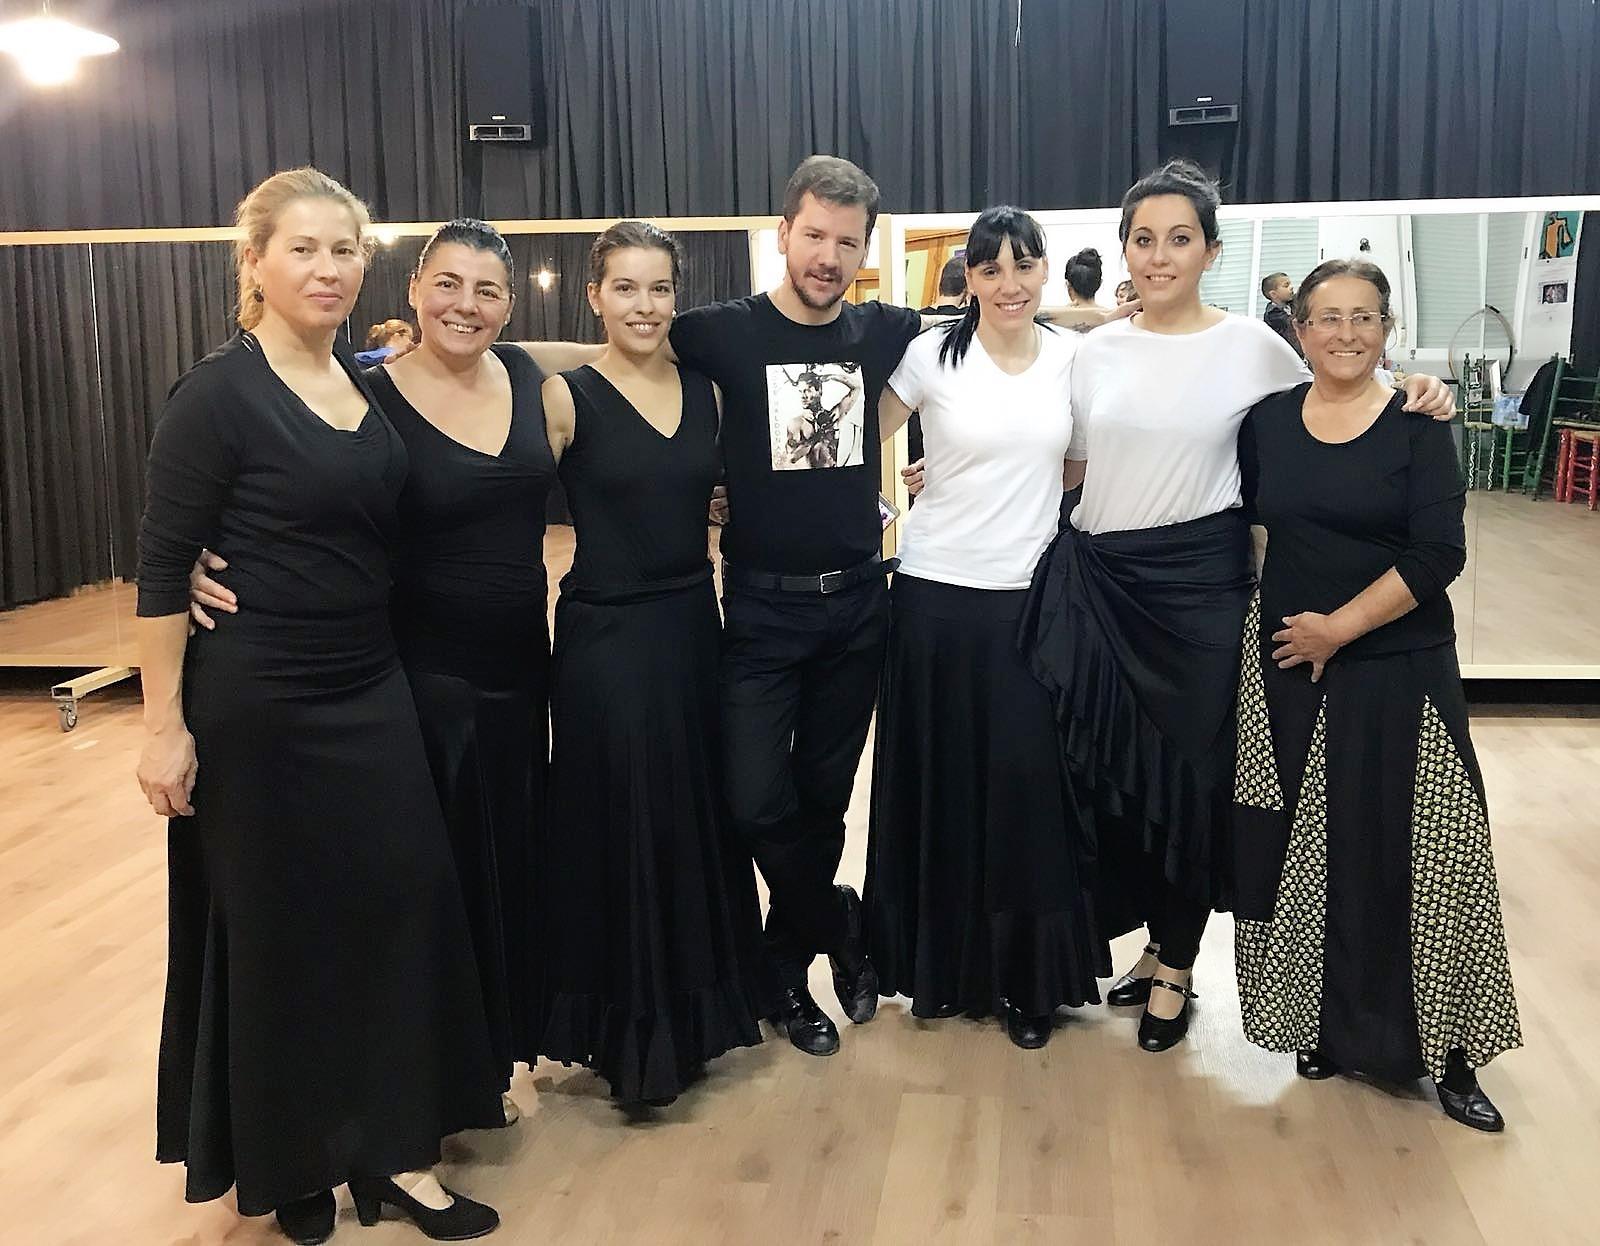 Ayer las alumnas de danza española asistieron a una masterclass a cargo de Jose Maldonado